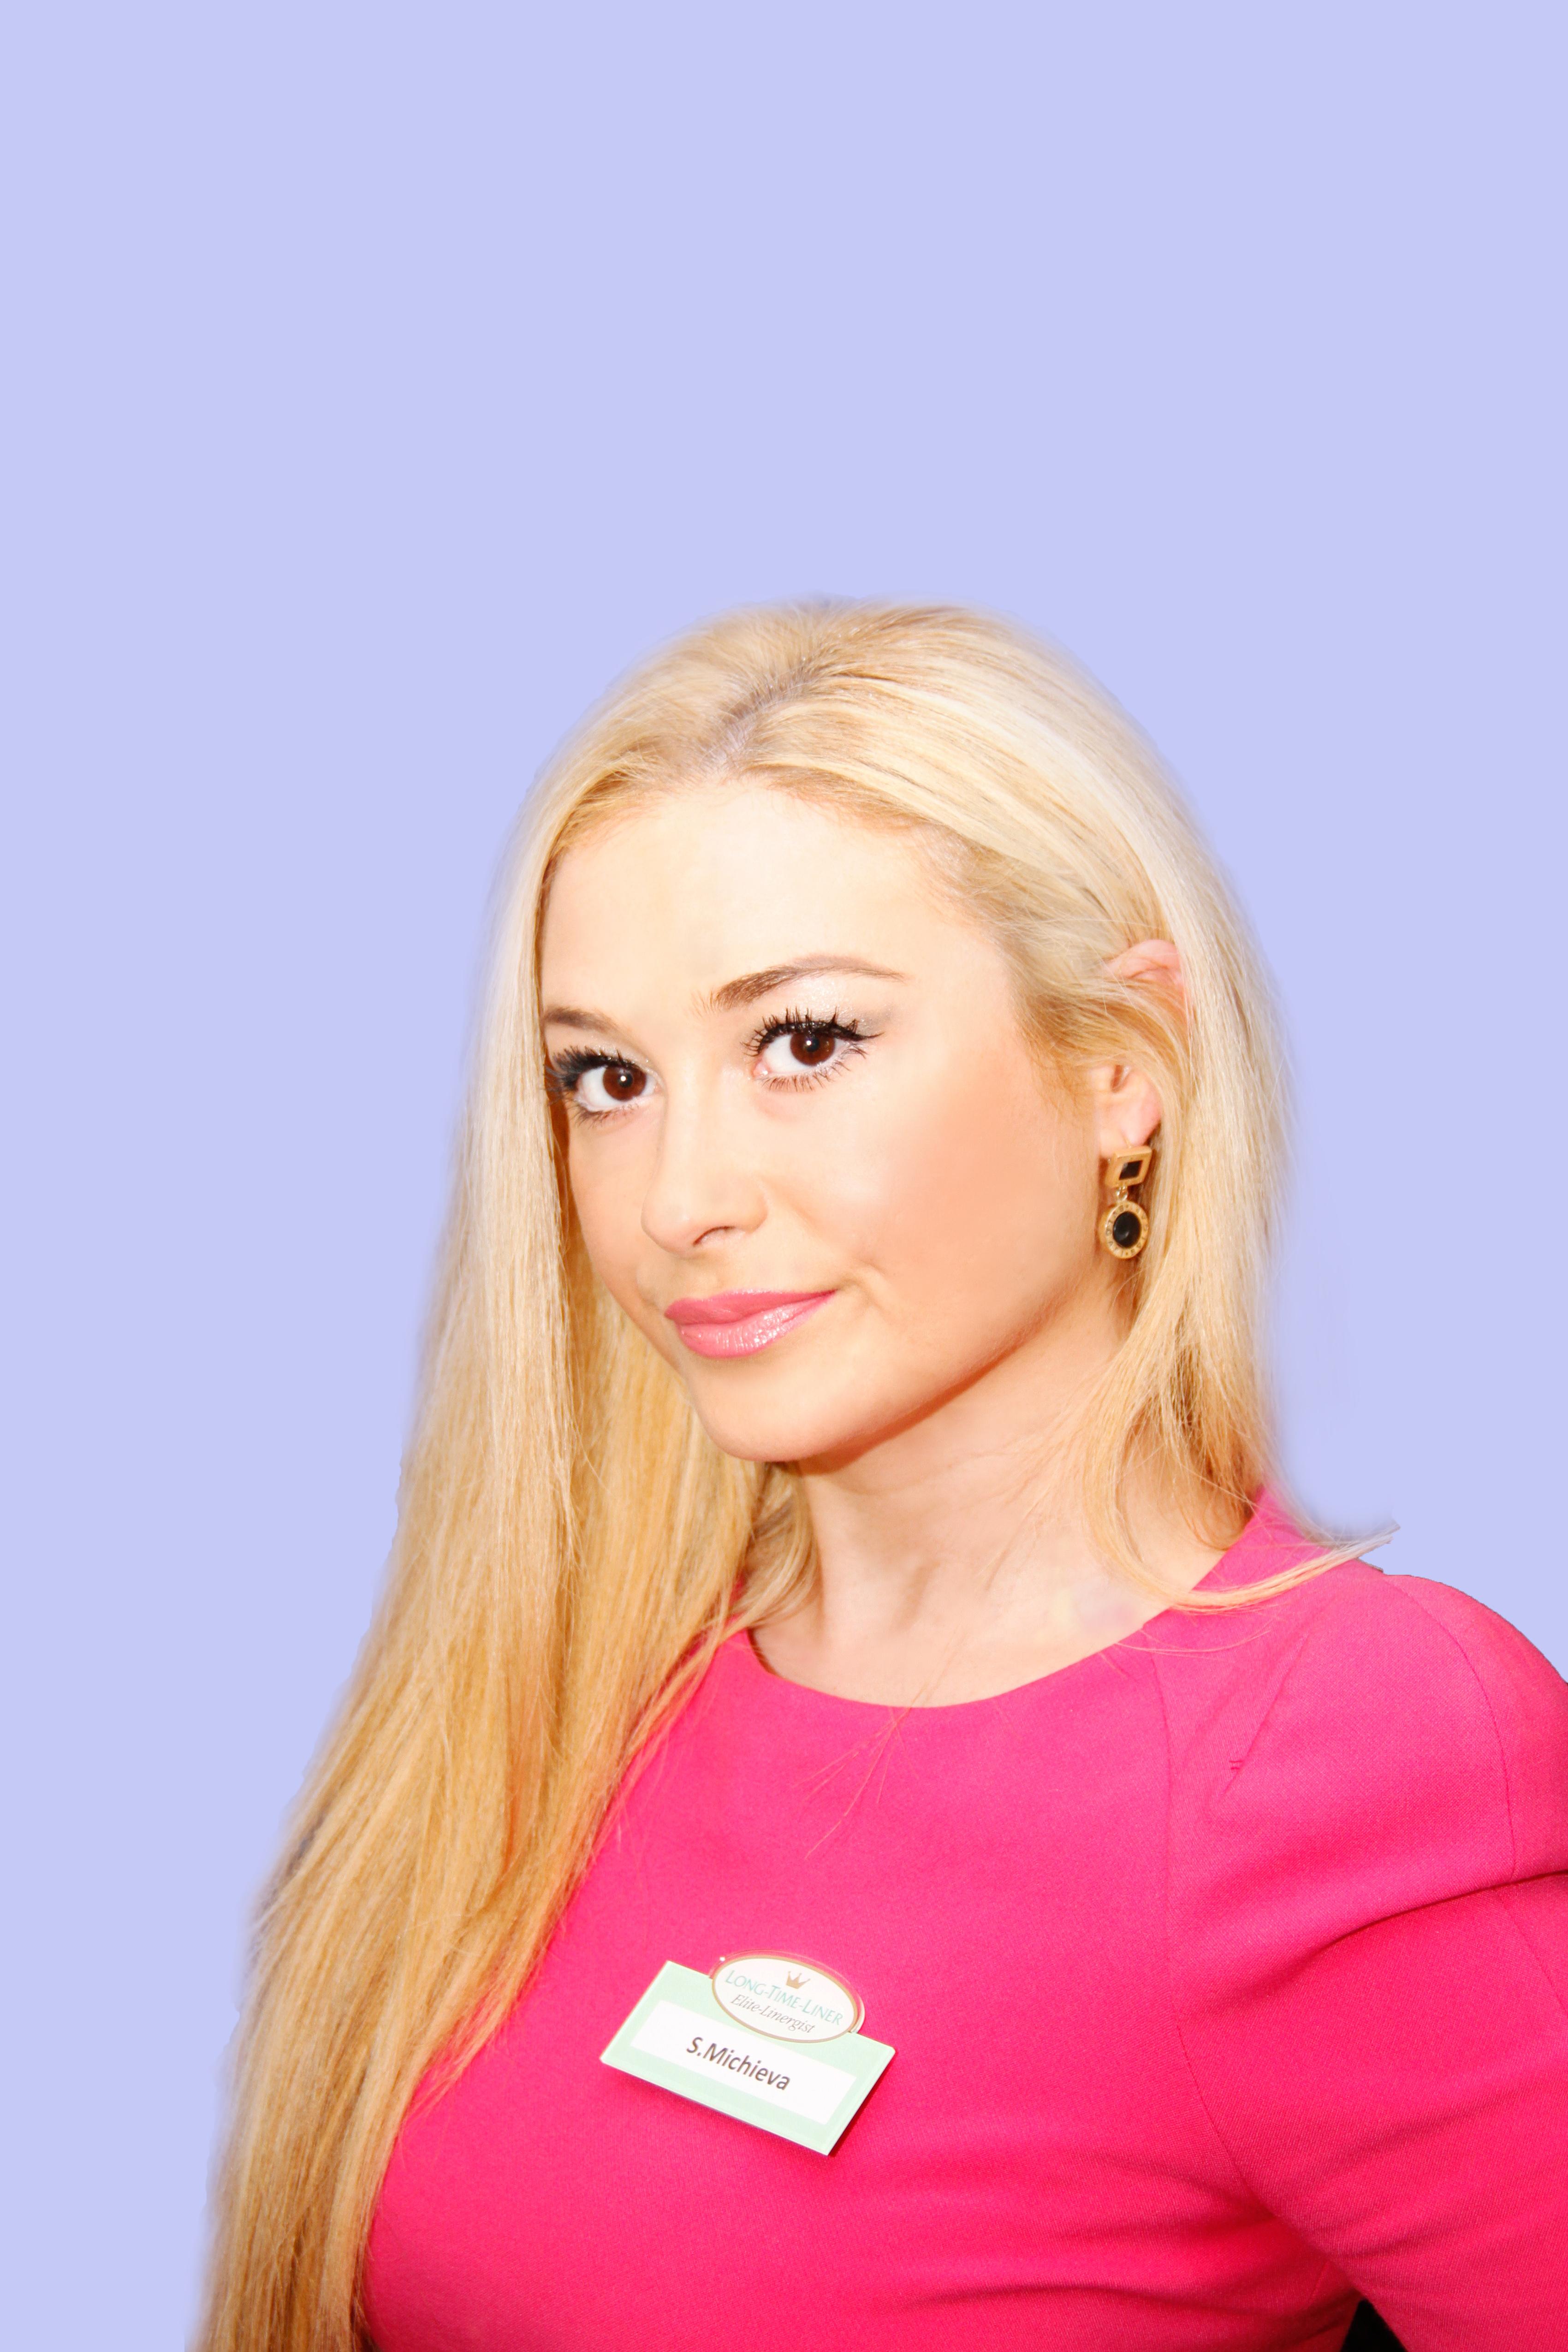 SamiraMichieva